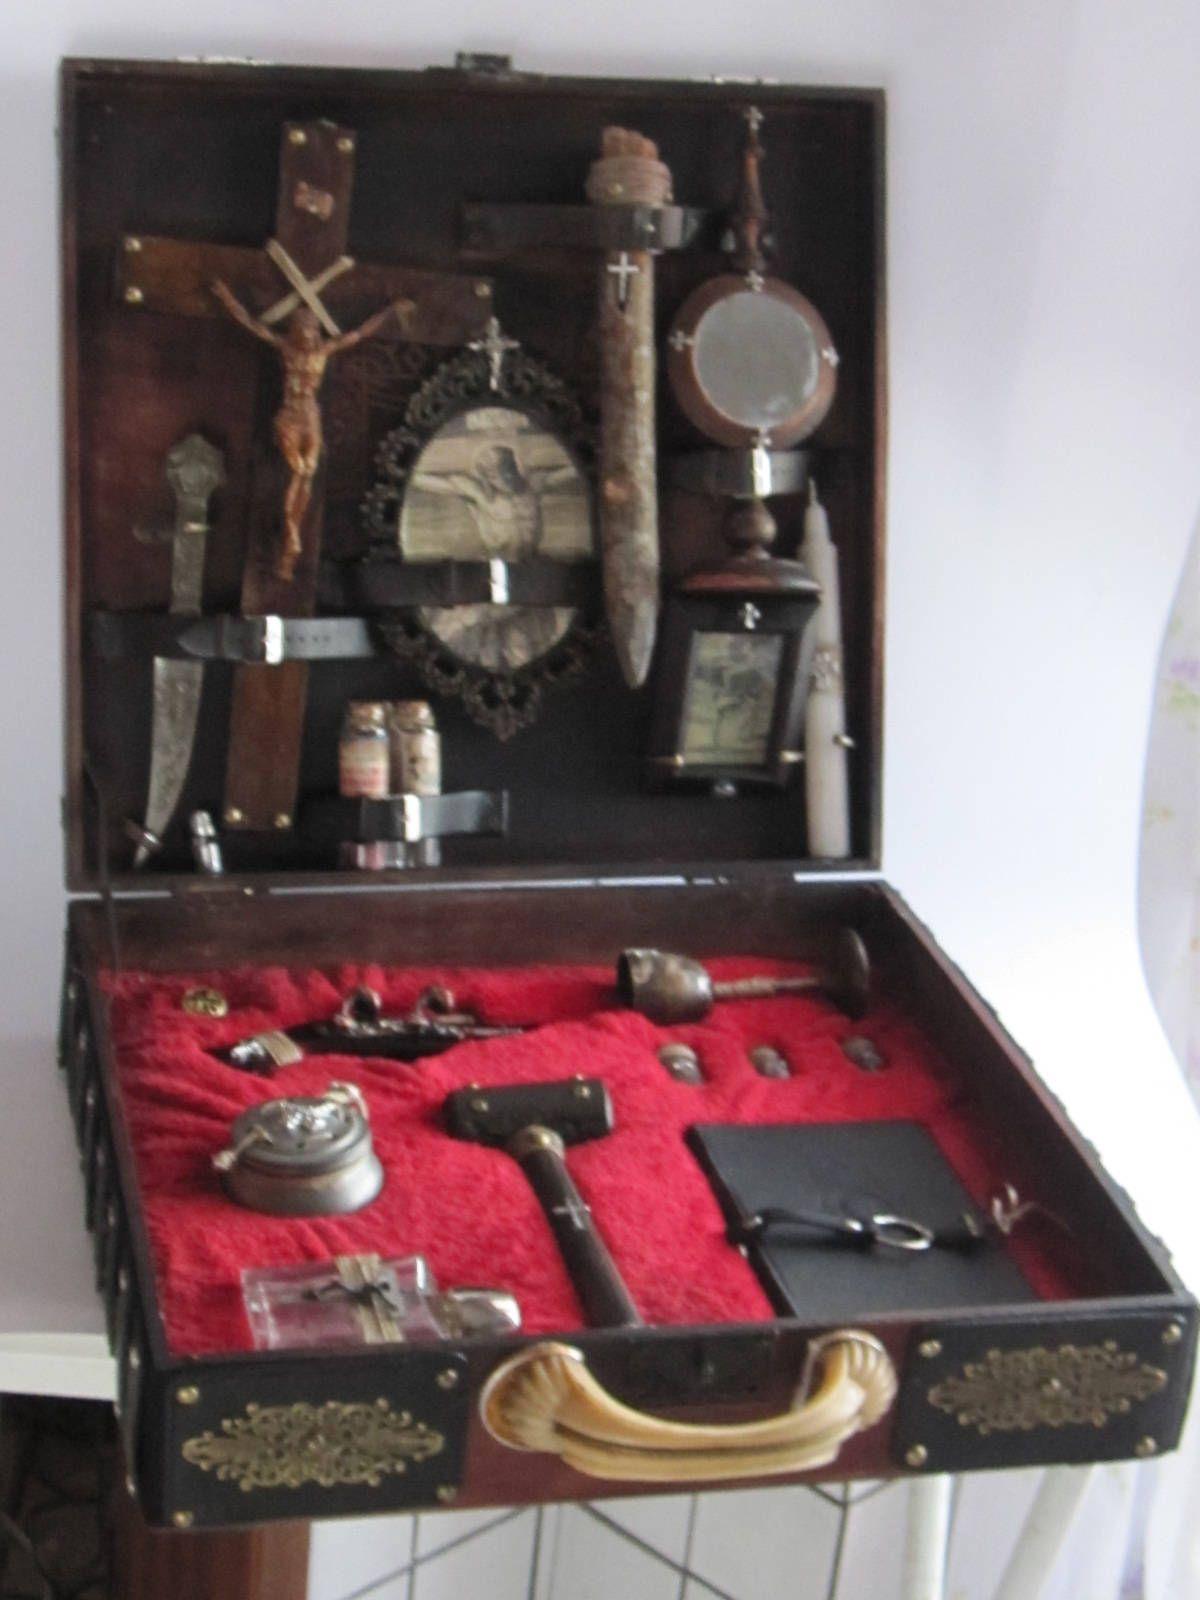 Steampunk Vampire Hunter Case Di Tikystore Su Etsy Steampunk In